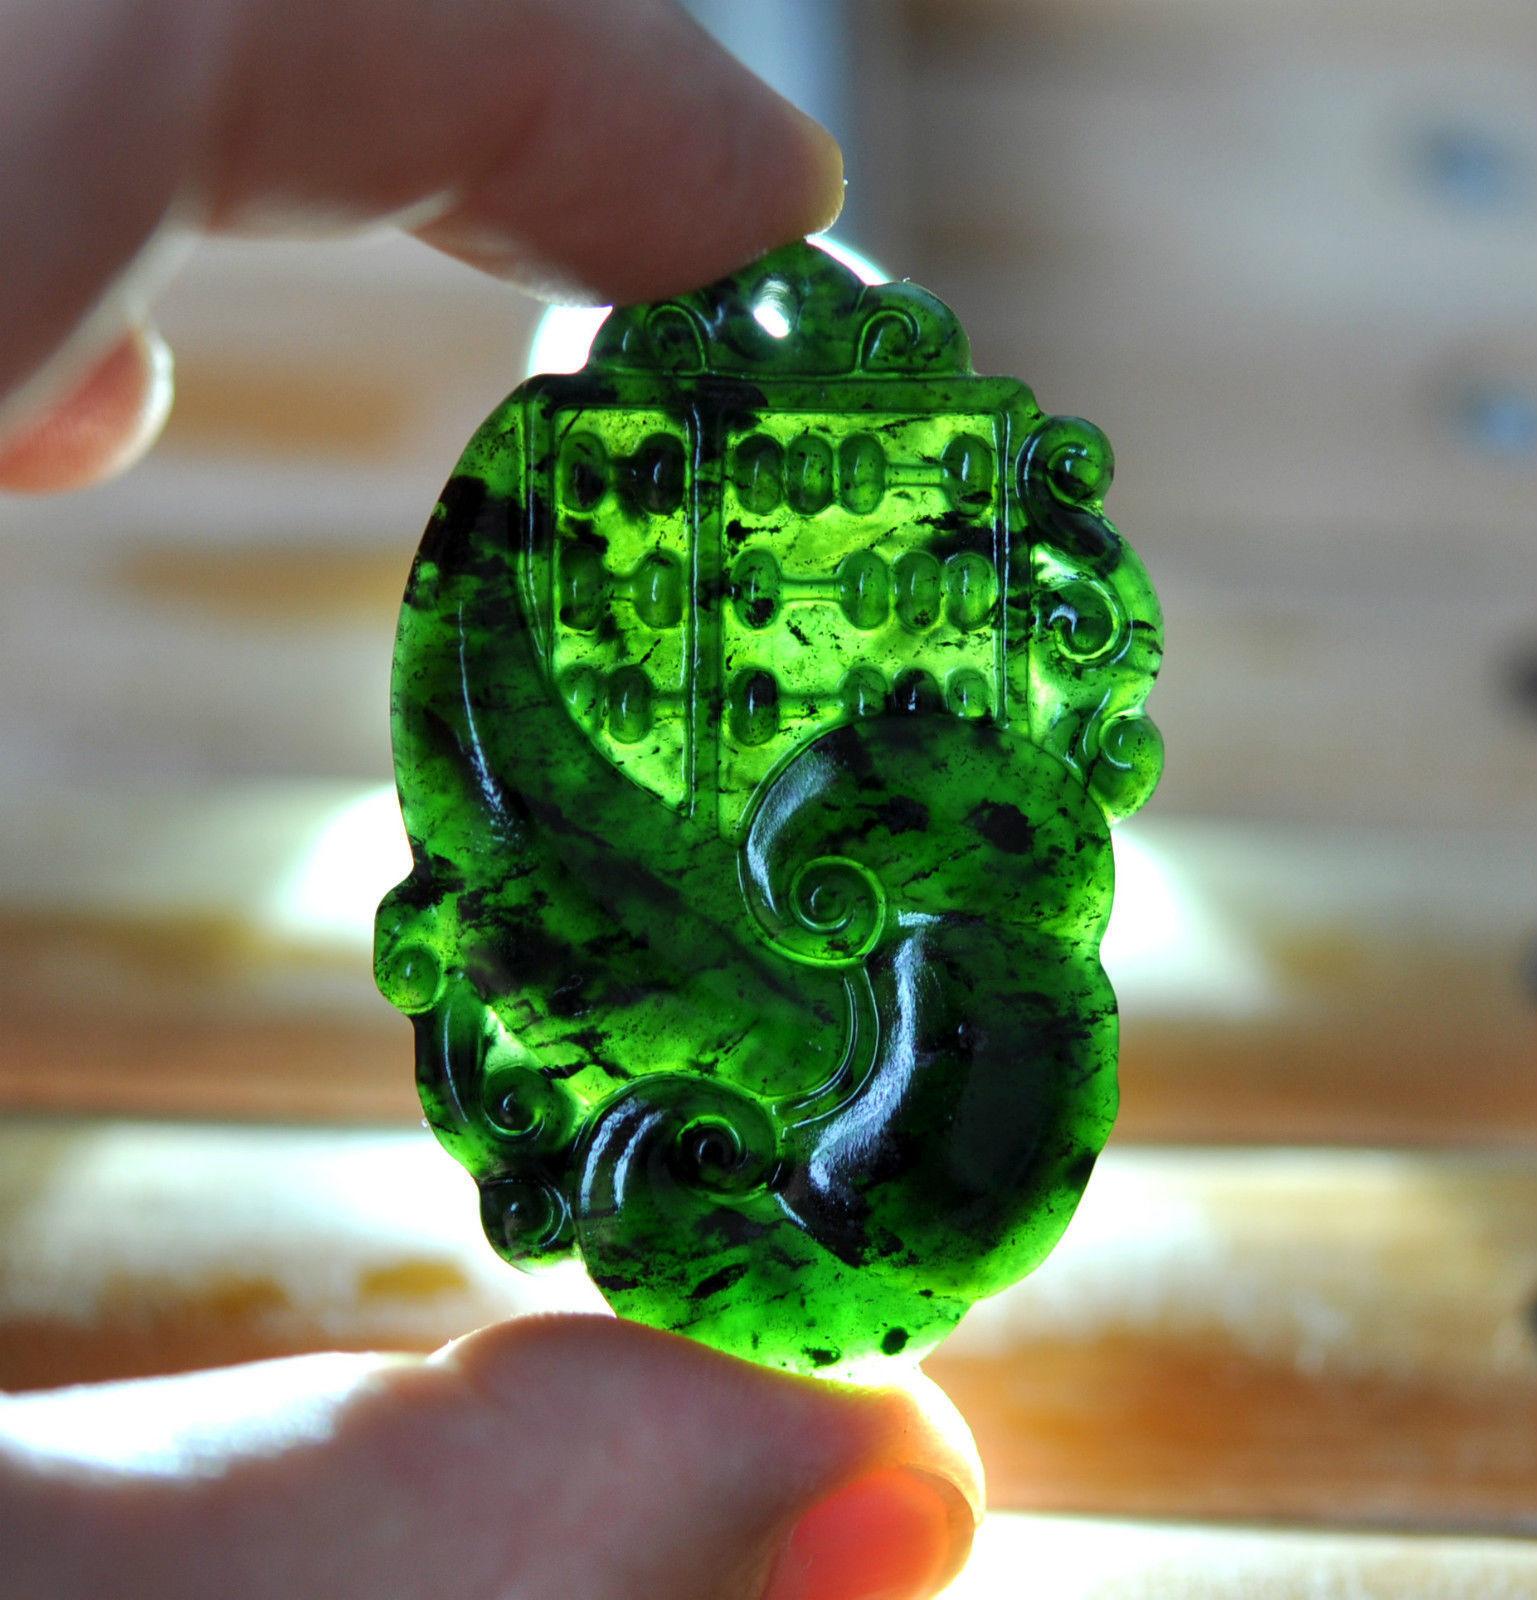 Первоклассный кулон из натурального нефрита, тонко подсчитанный счет, нефритовый кулон, темно-зеленый нефрит, ювелирные изделия из нефрита